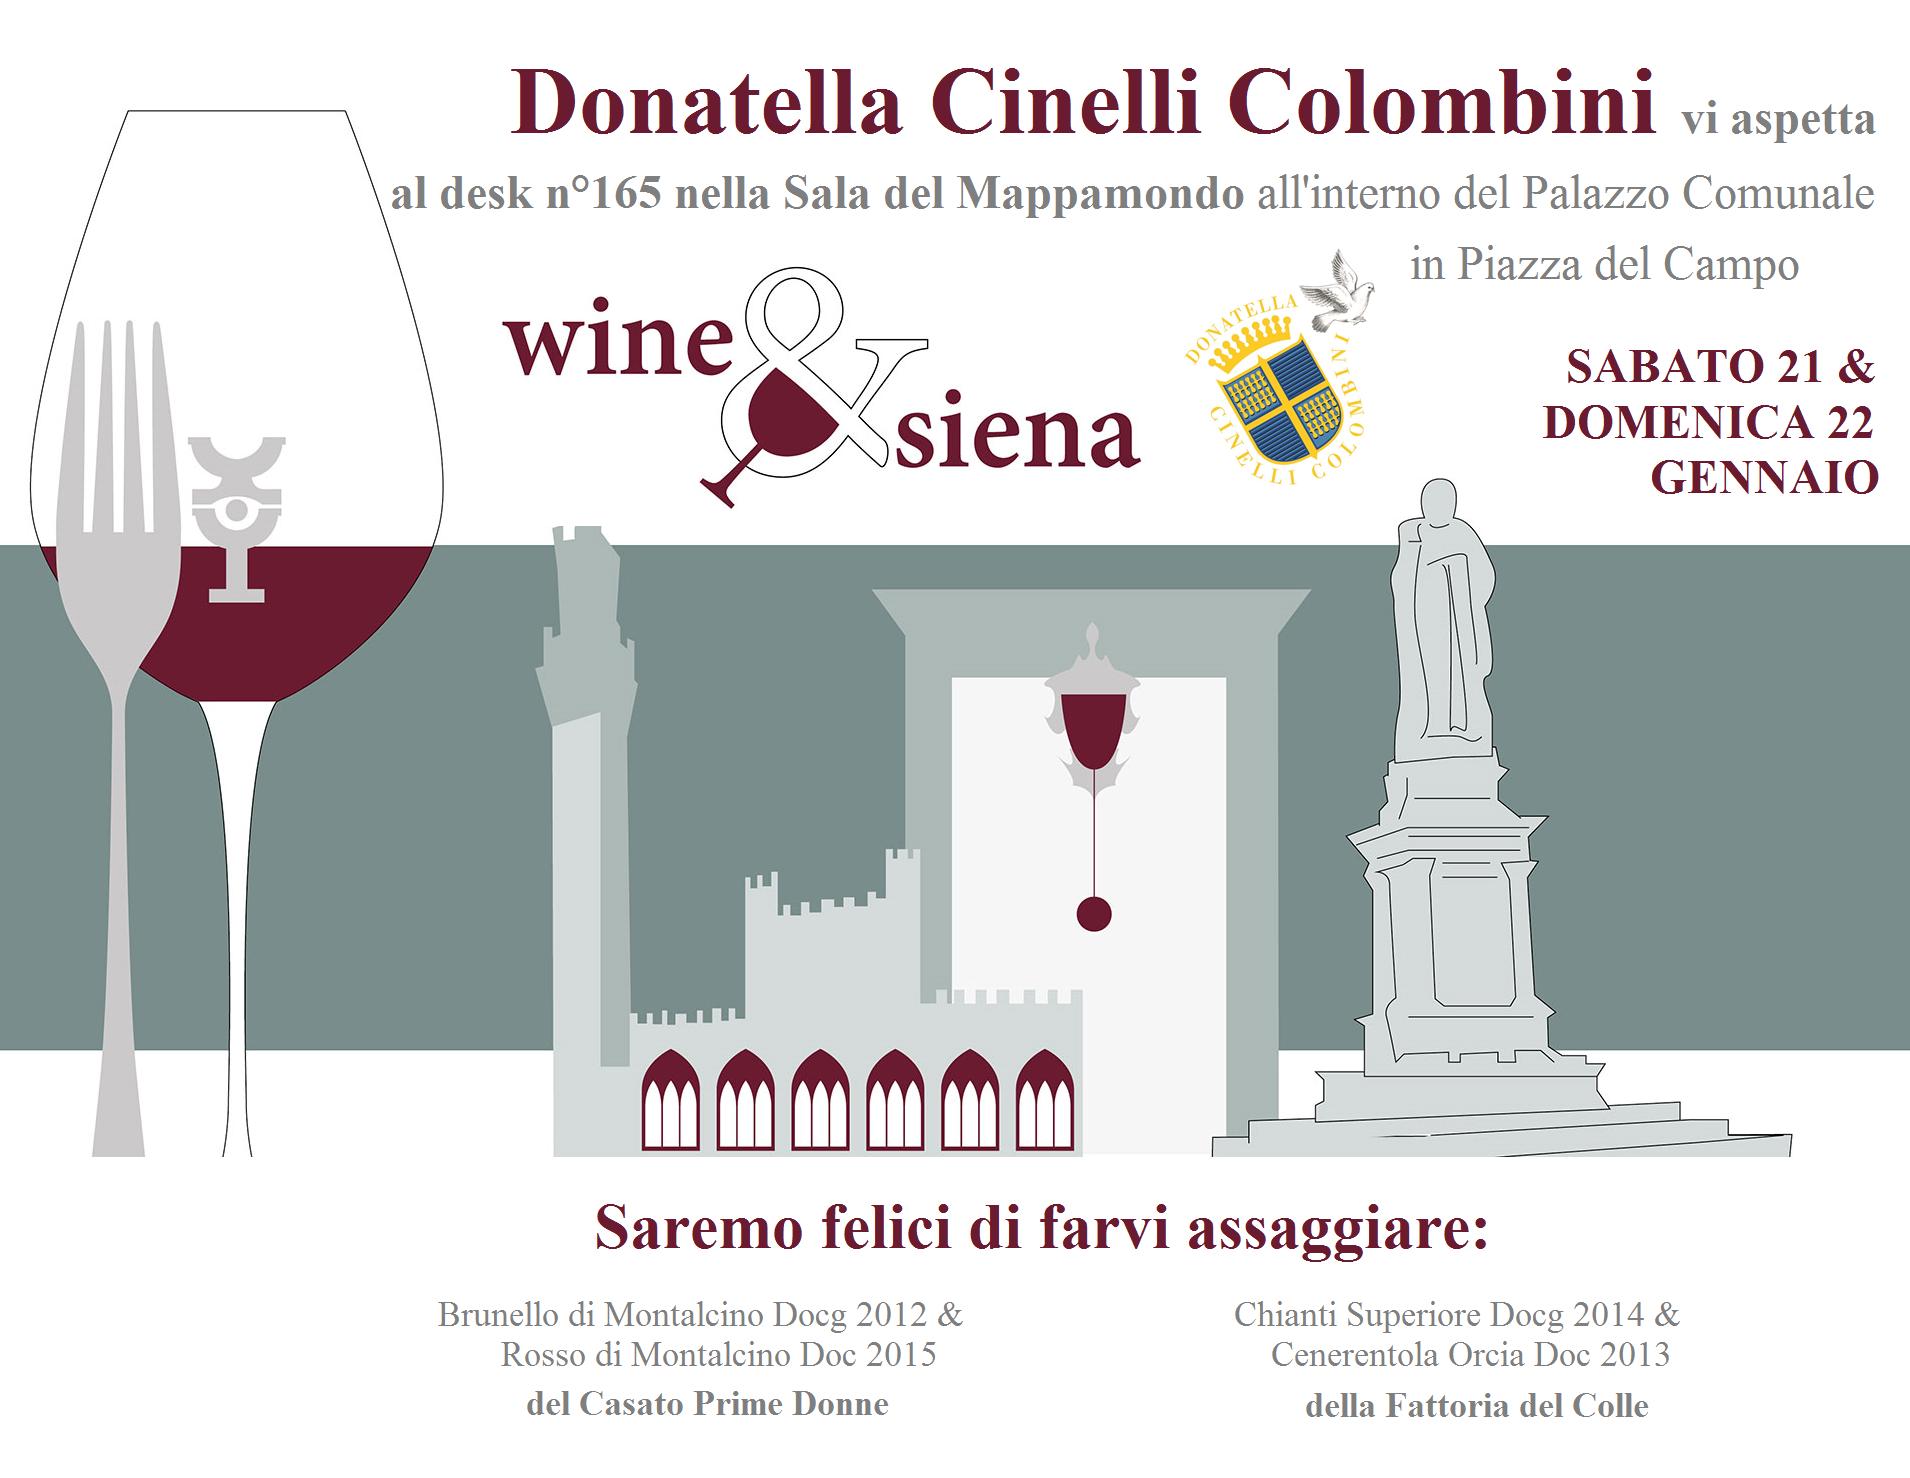 ine&Siena-Donatella-Cinelli-Colombini